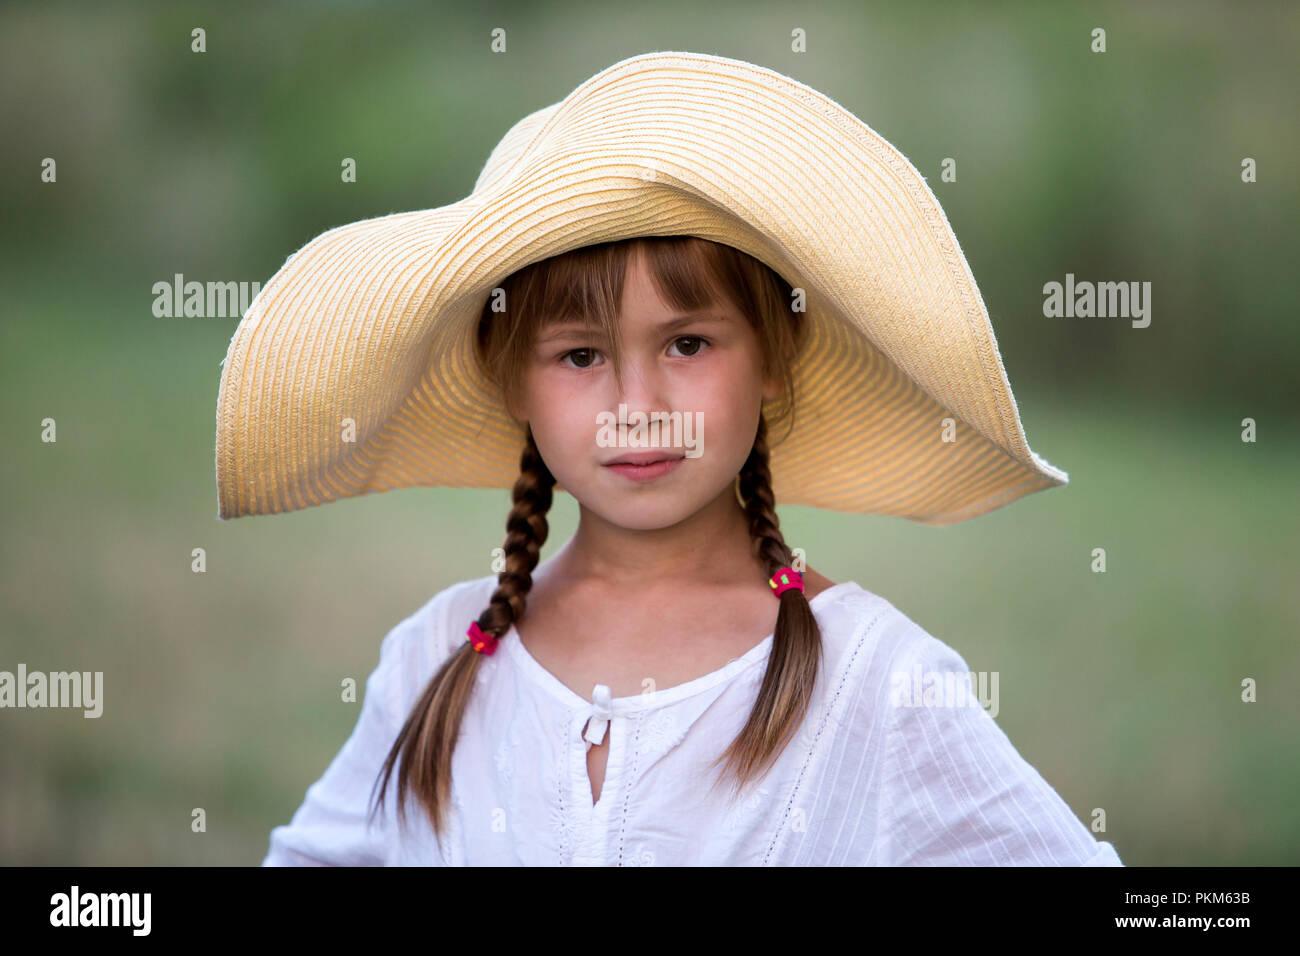 0083f990fa621 Portrait de jeune fille souriante à la mode avec des tresses en belle robe  blanche et